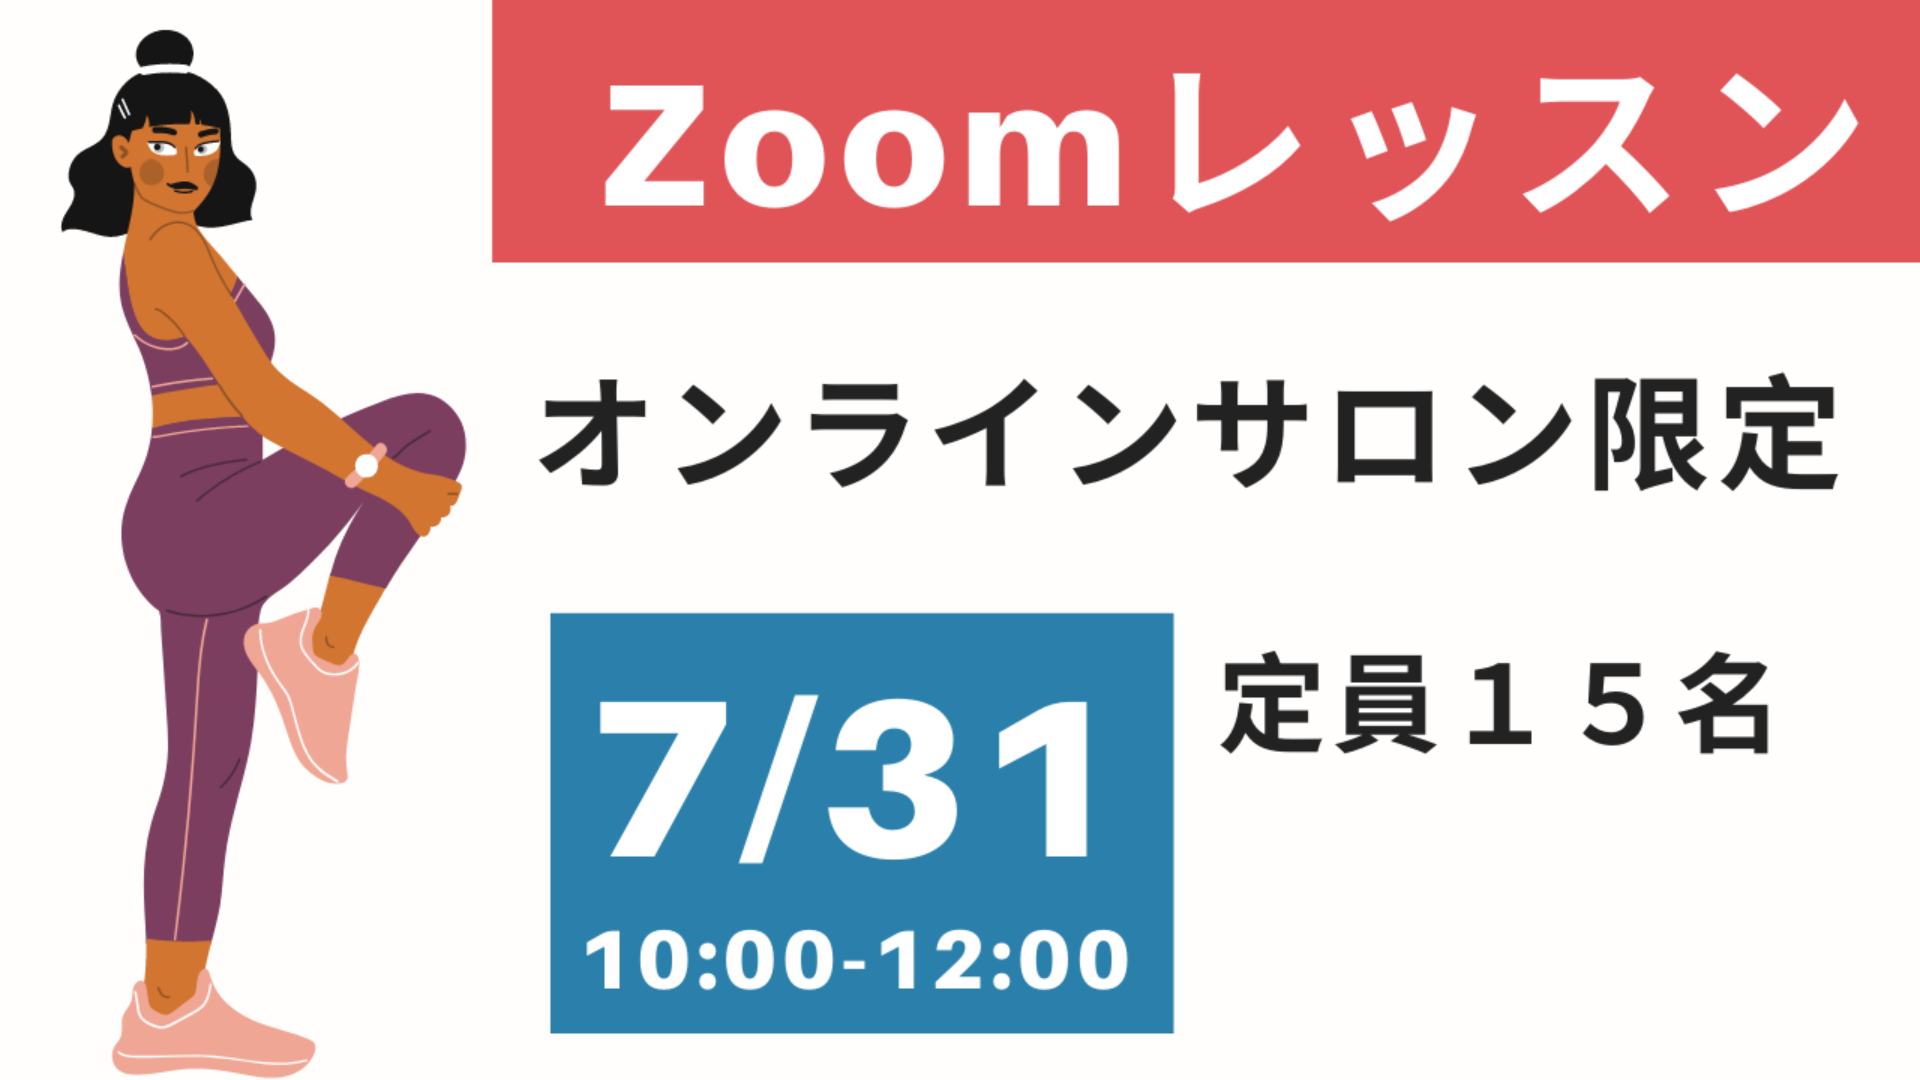 7/31(土)オンラインレッスン2時間(定員15名)